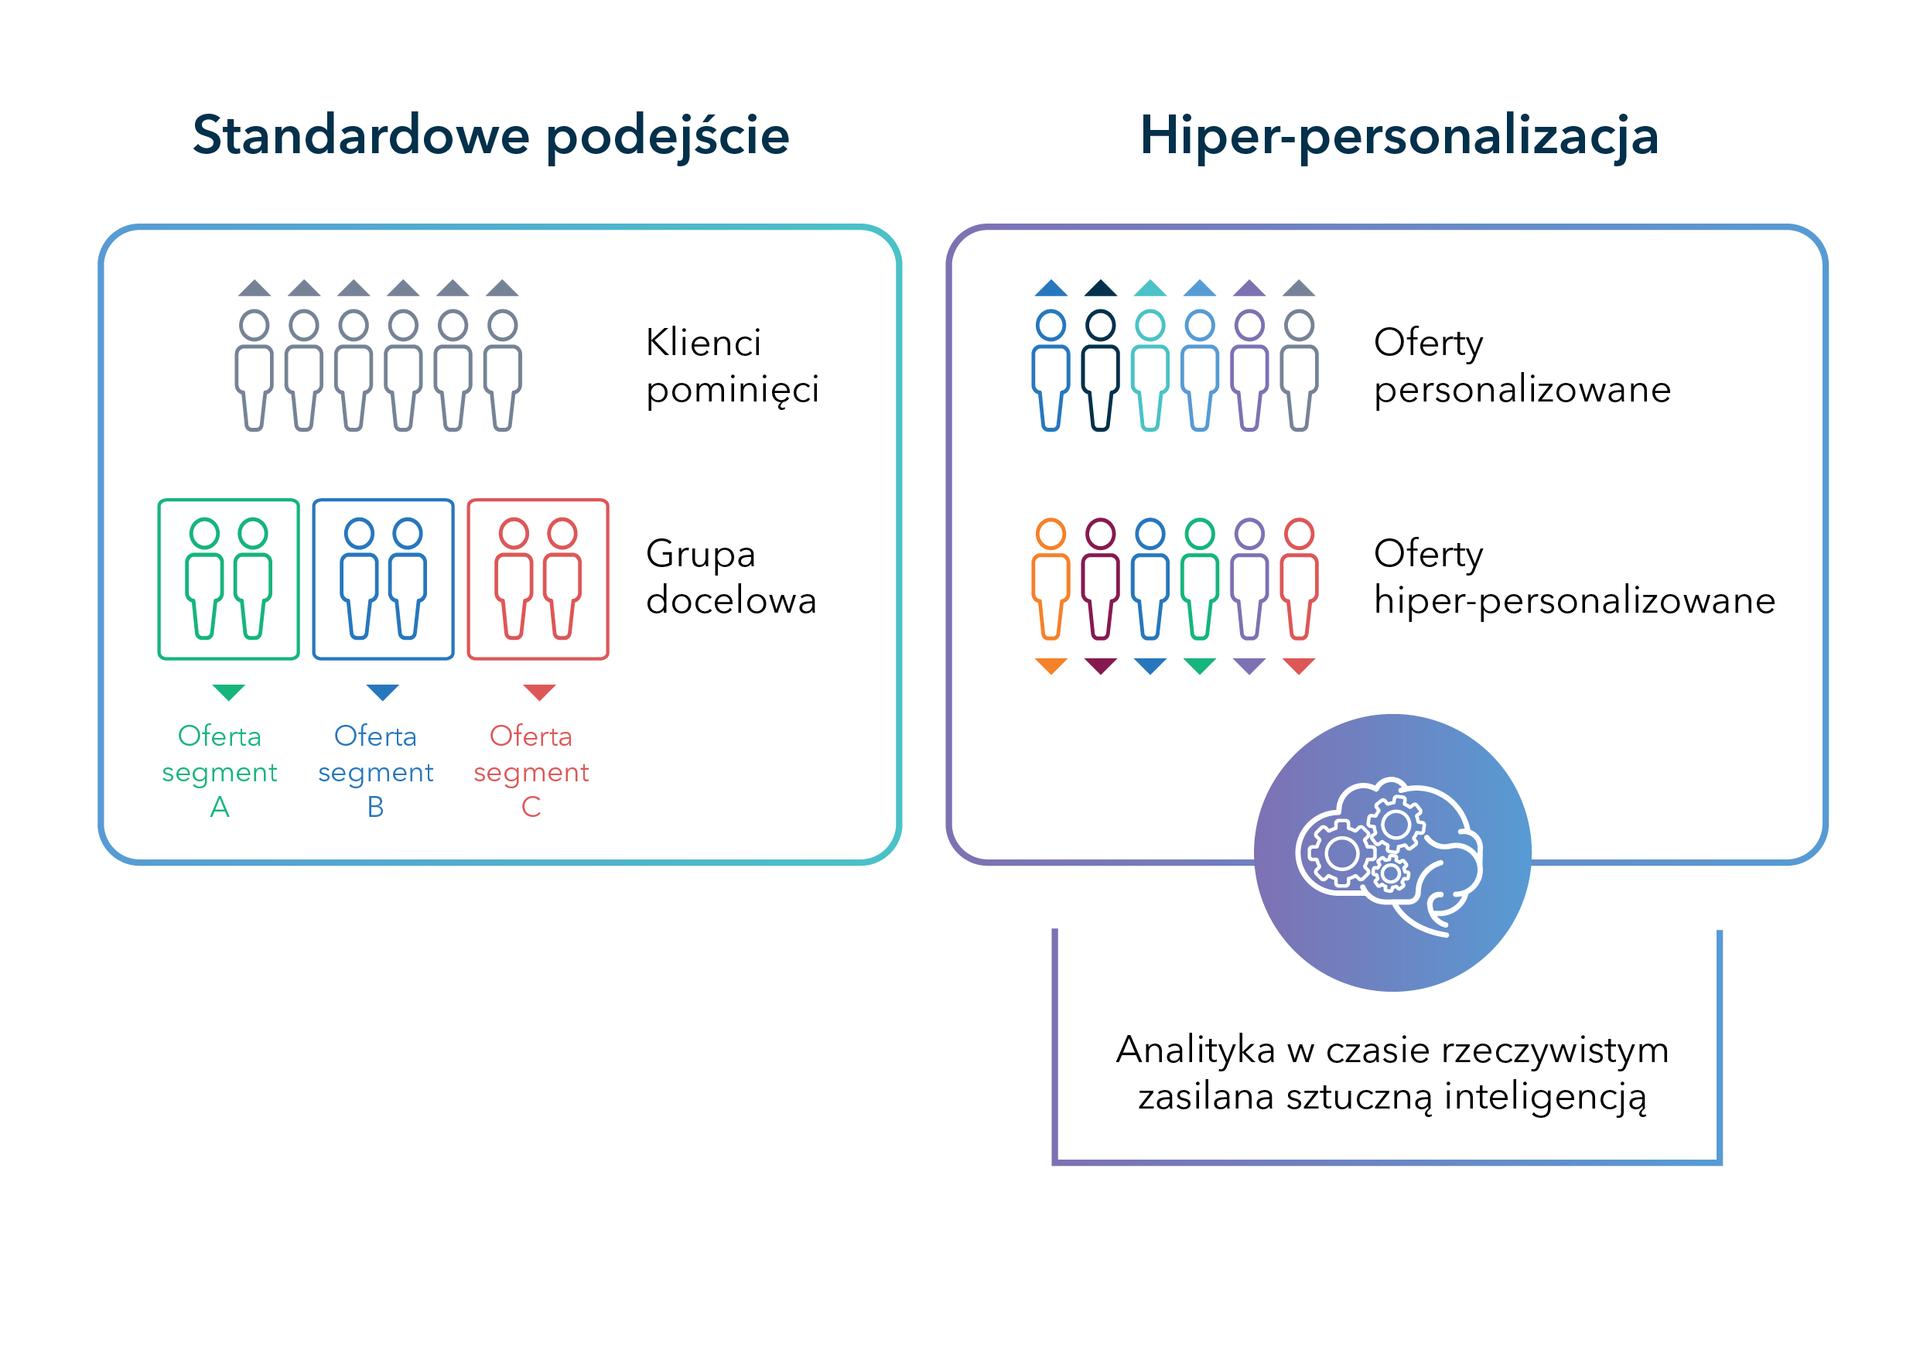 Hiperpersonalizacja wkontaktach zklientem dzięki analityce